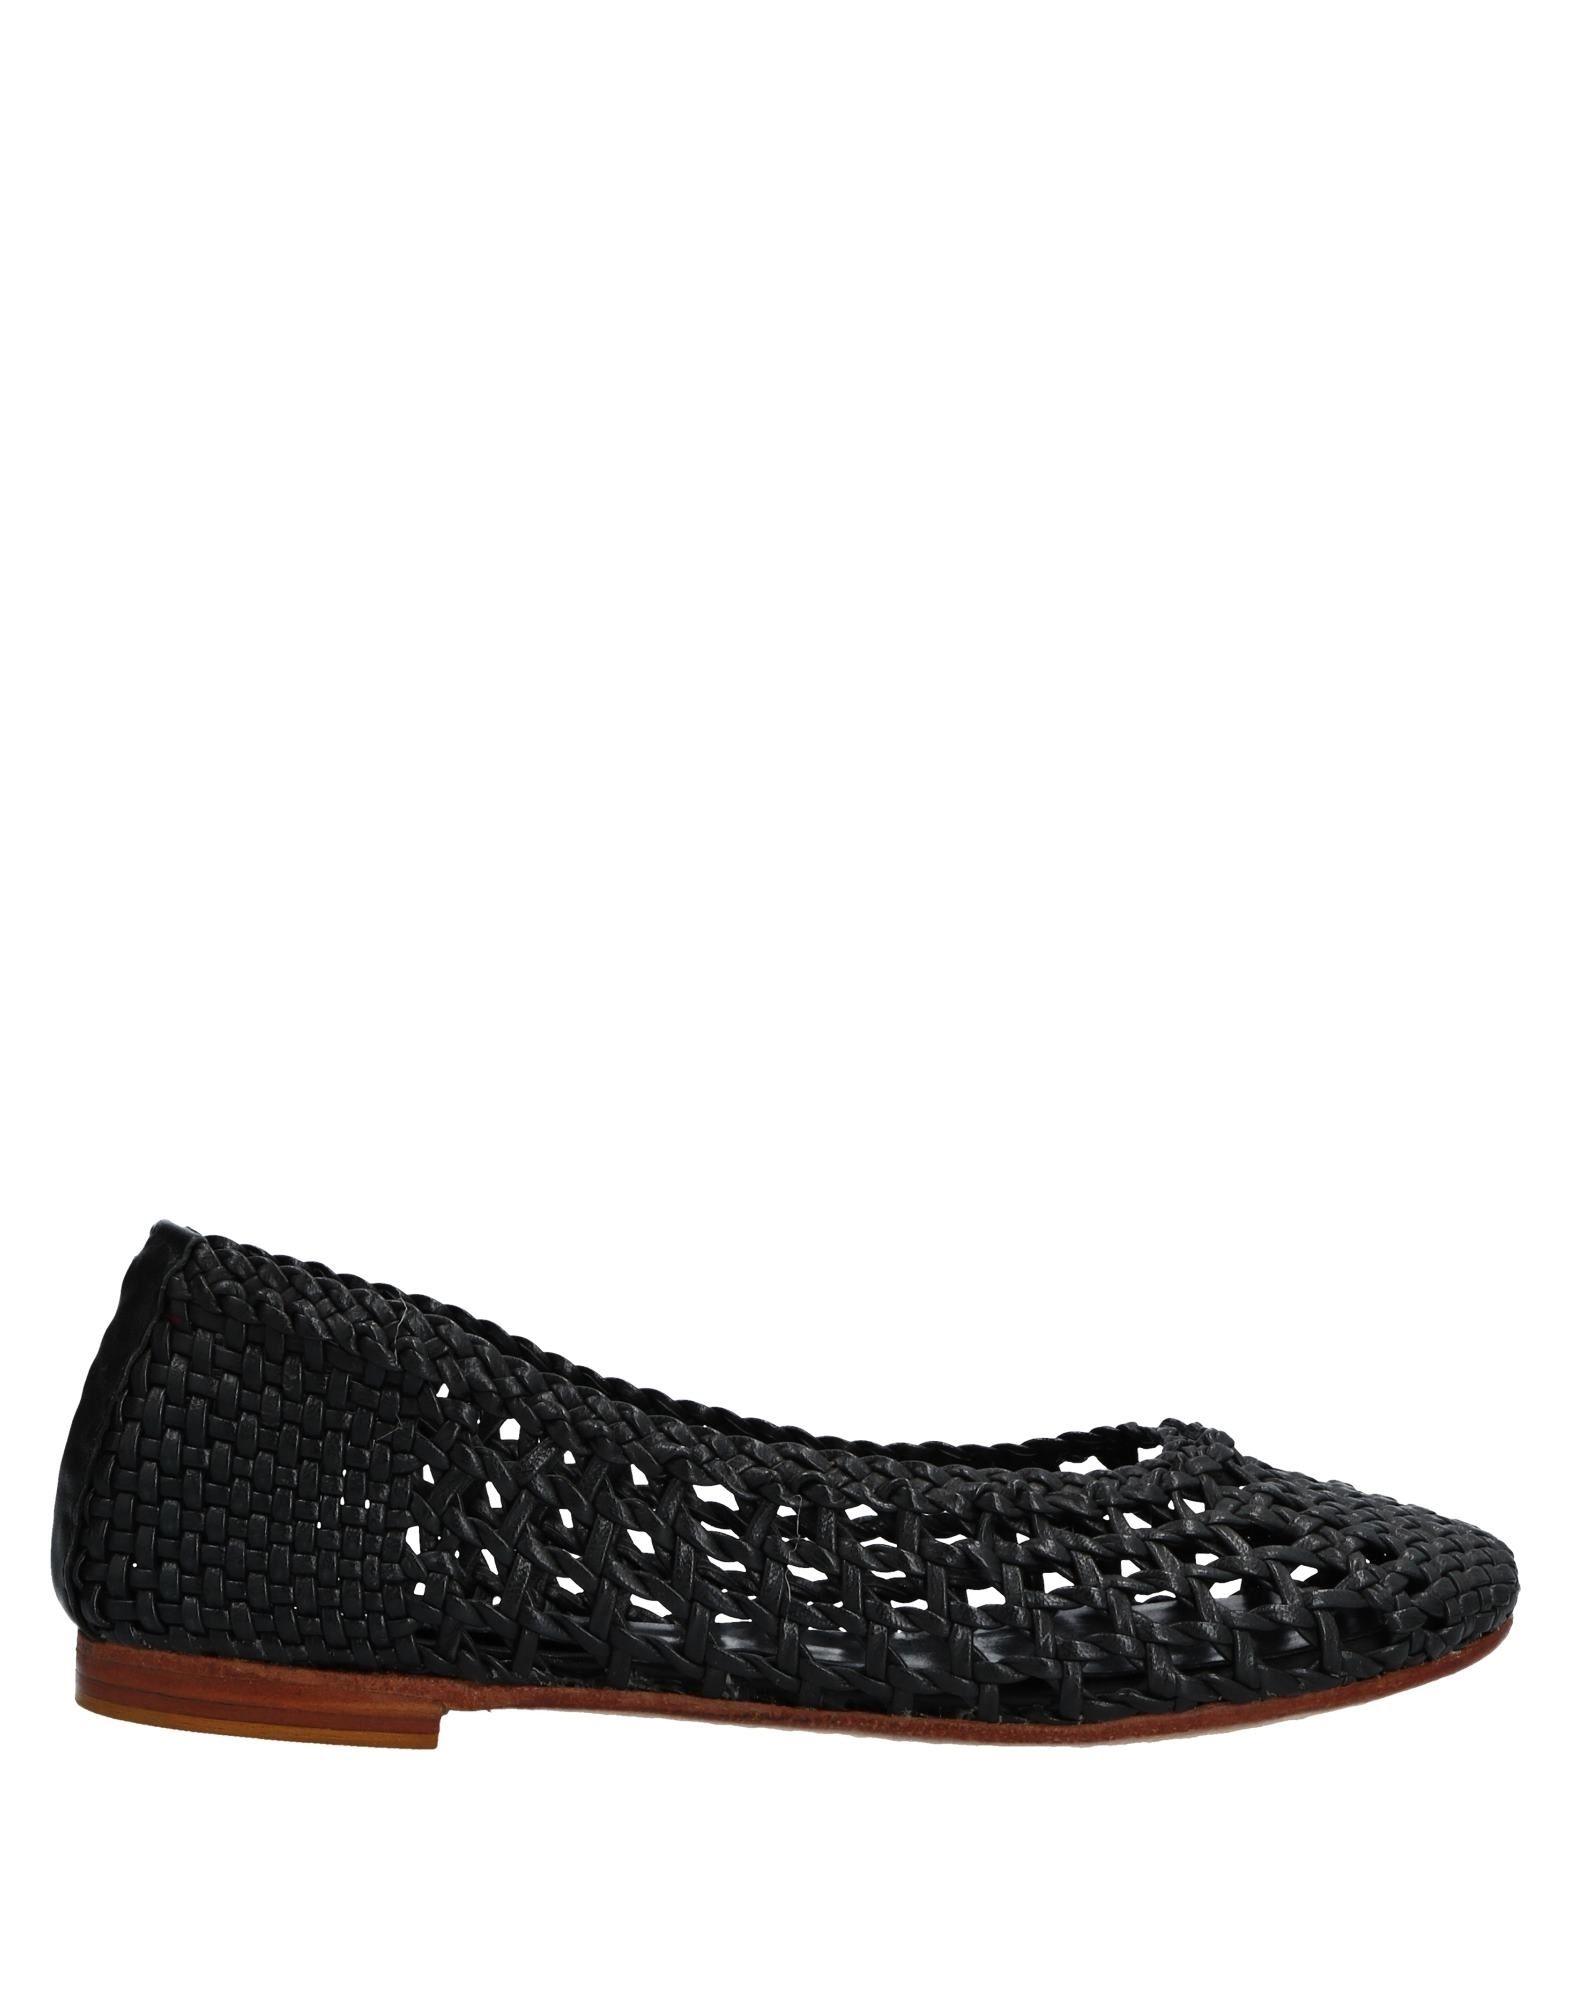 Daniela Mori Milano Ballerinas Damen beliebte  11527205UK Gute Qualität beliebte Damen Schuhe a68008